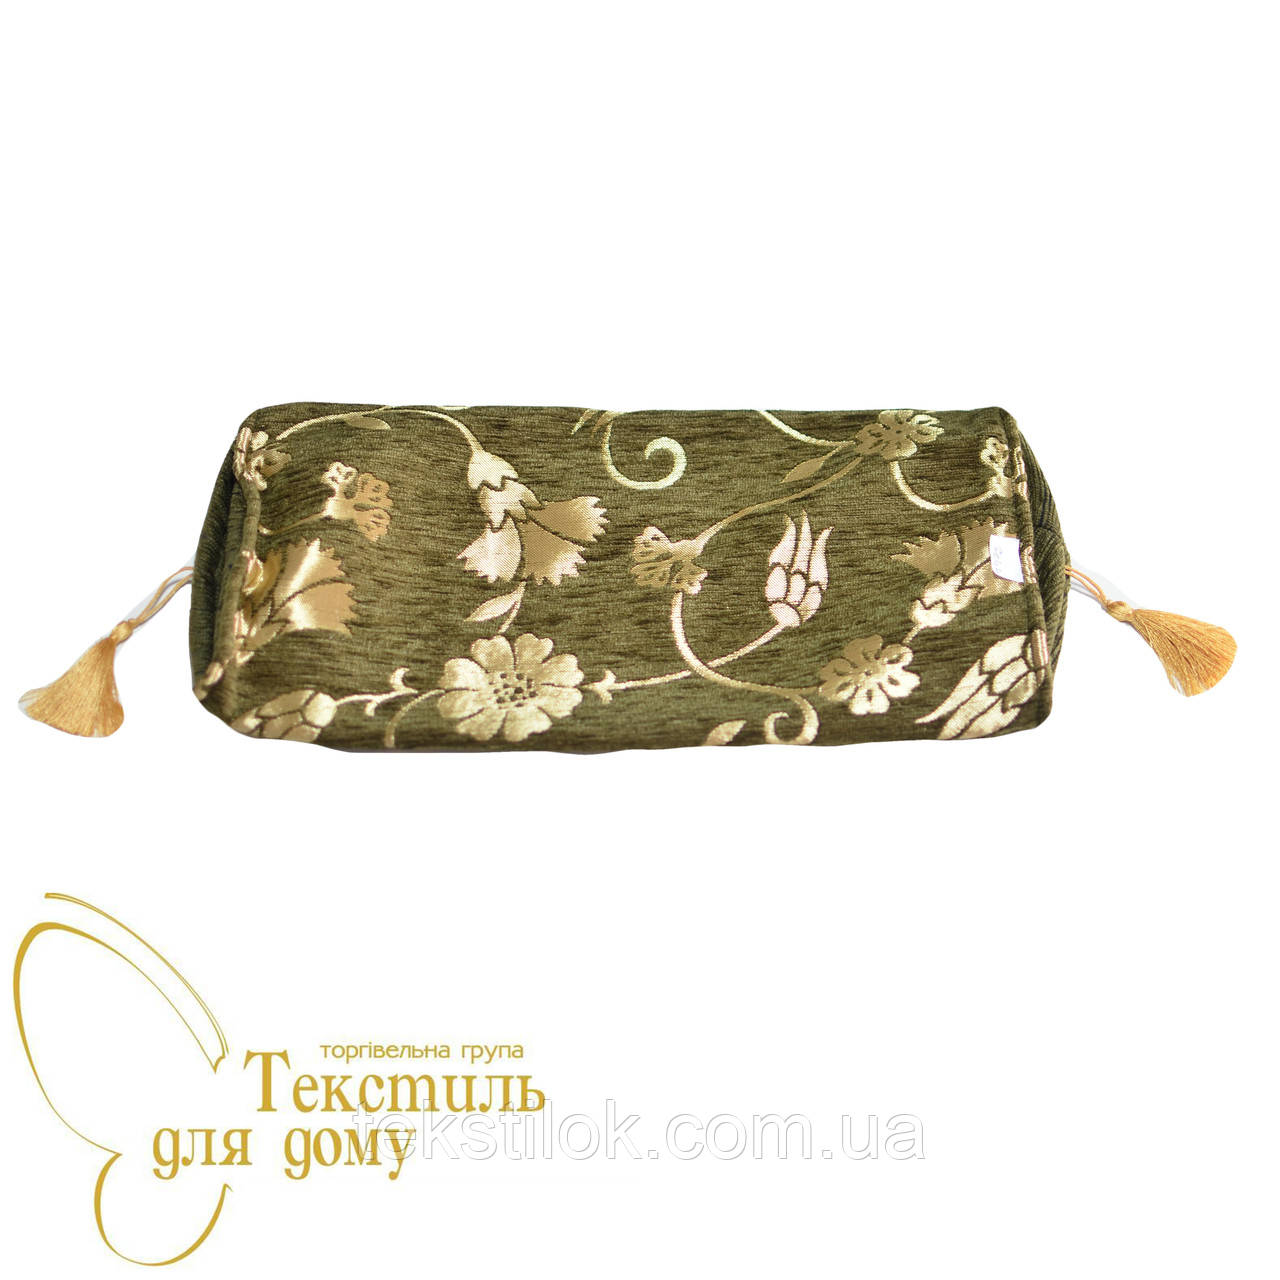 Наволочка декоративная валик с золотым цветком ANTIK KARANFIL, оливковый